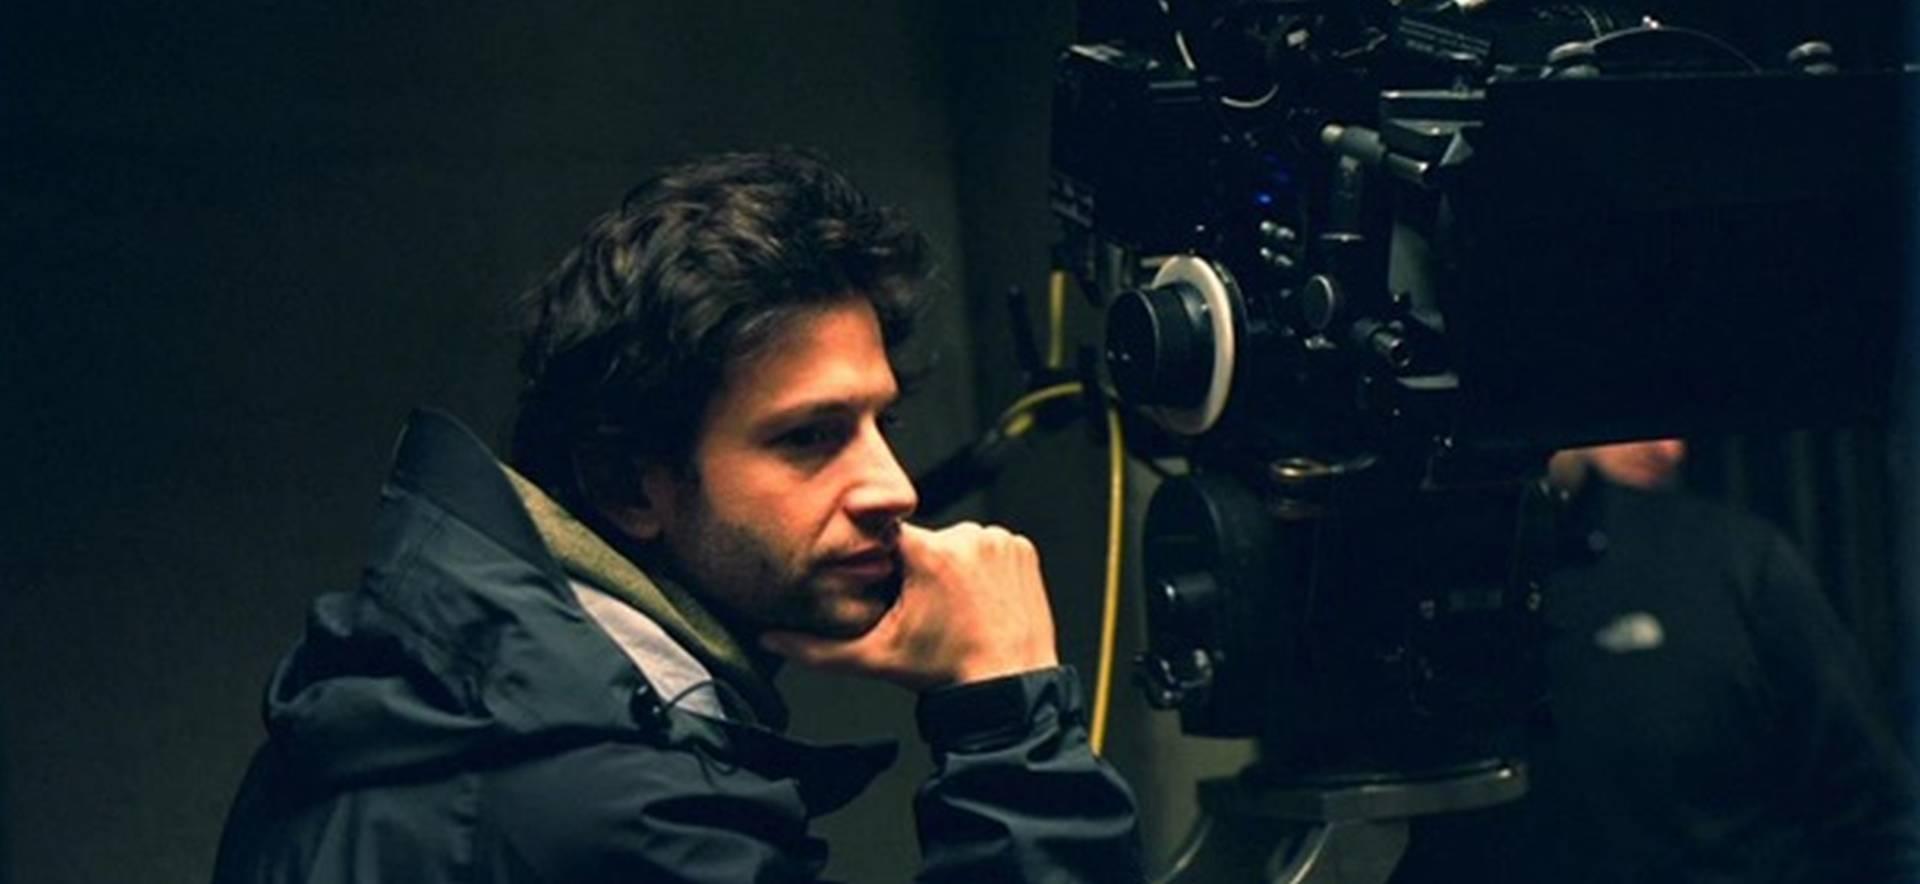 """INTERVJU EKSKLUZIVNO ZA NACIONAL: Bennett Miller: """"Filmu Foxcatcher privukla me priča prepuna tajni""""″"""